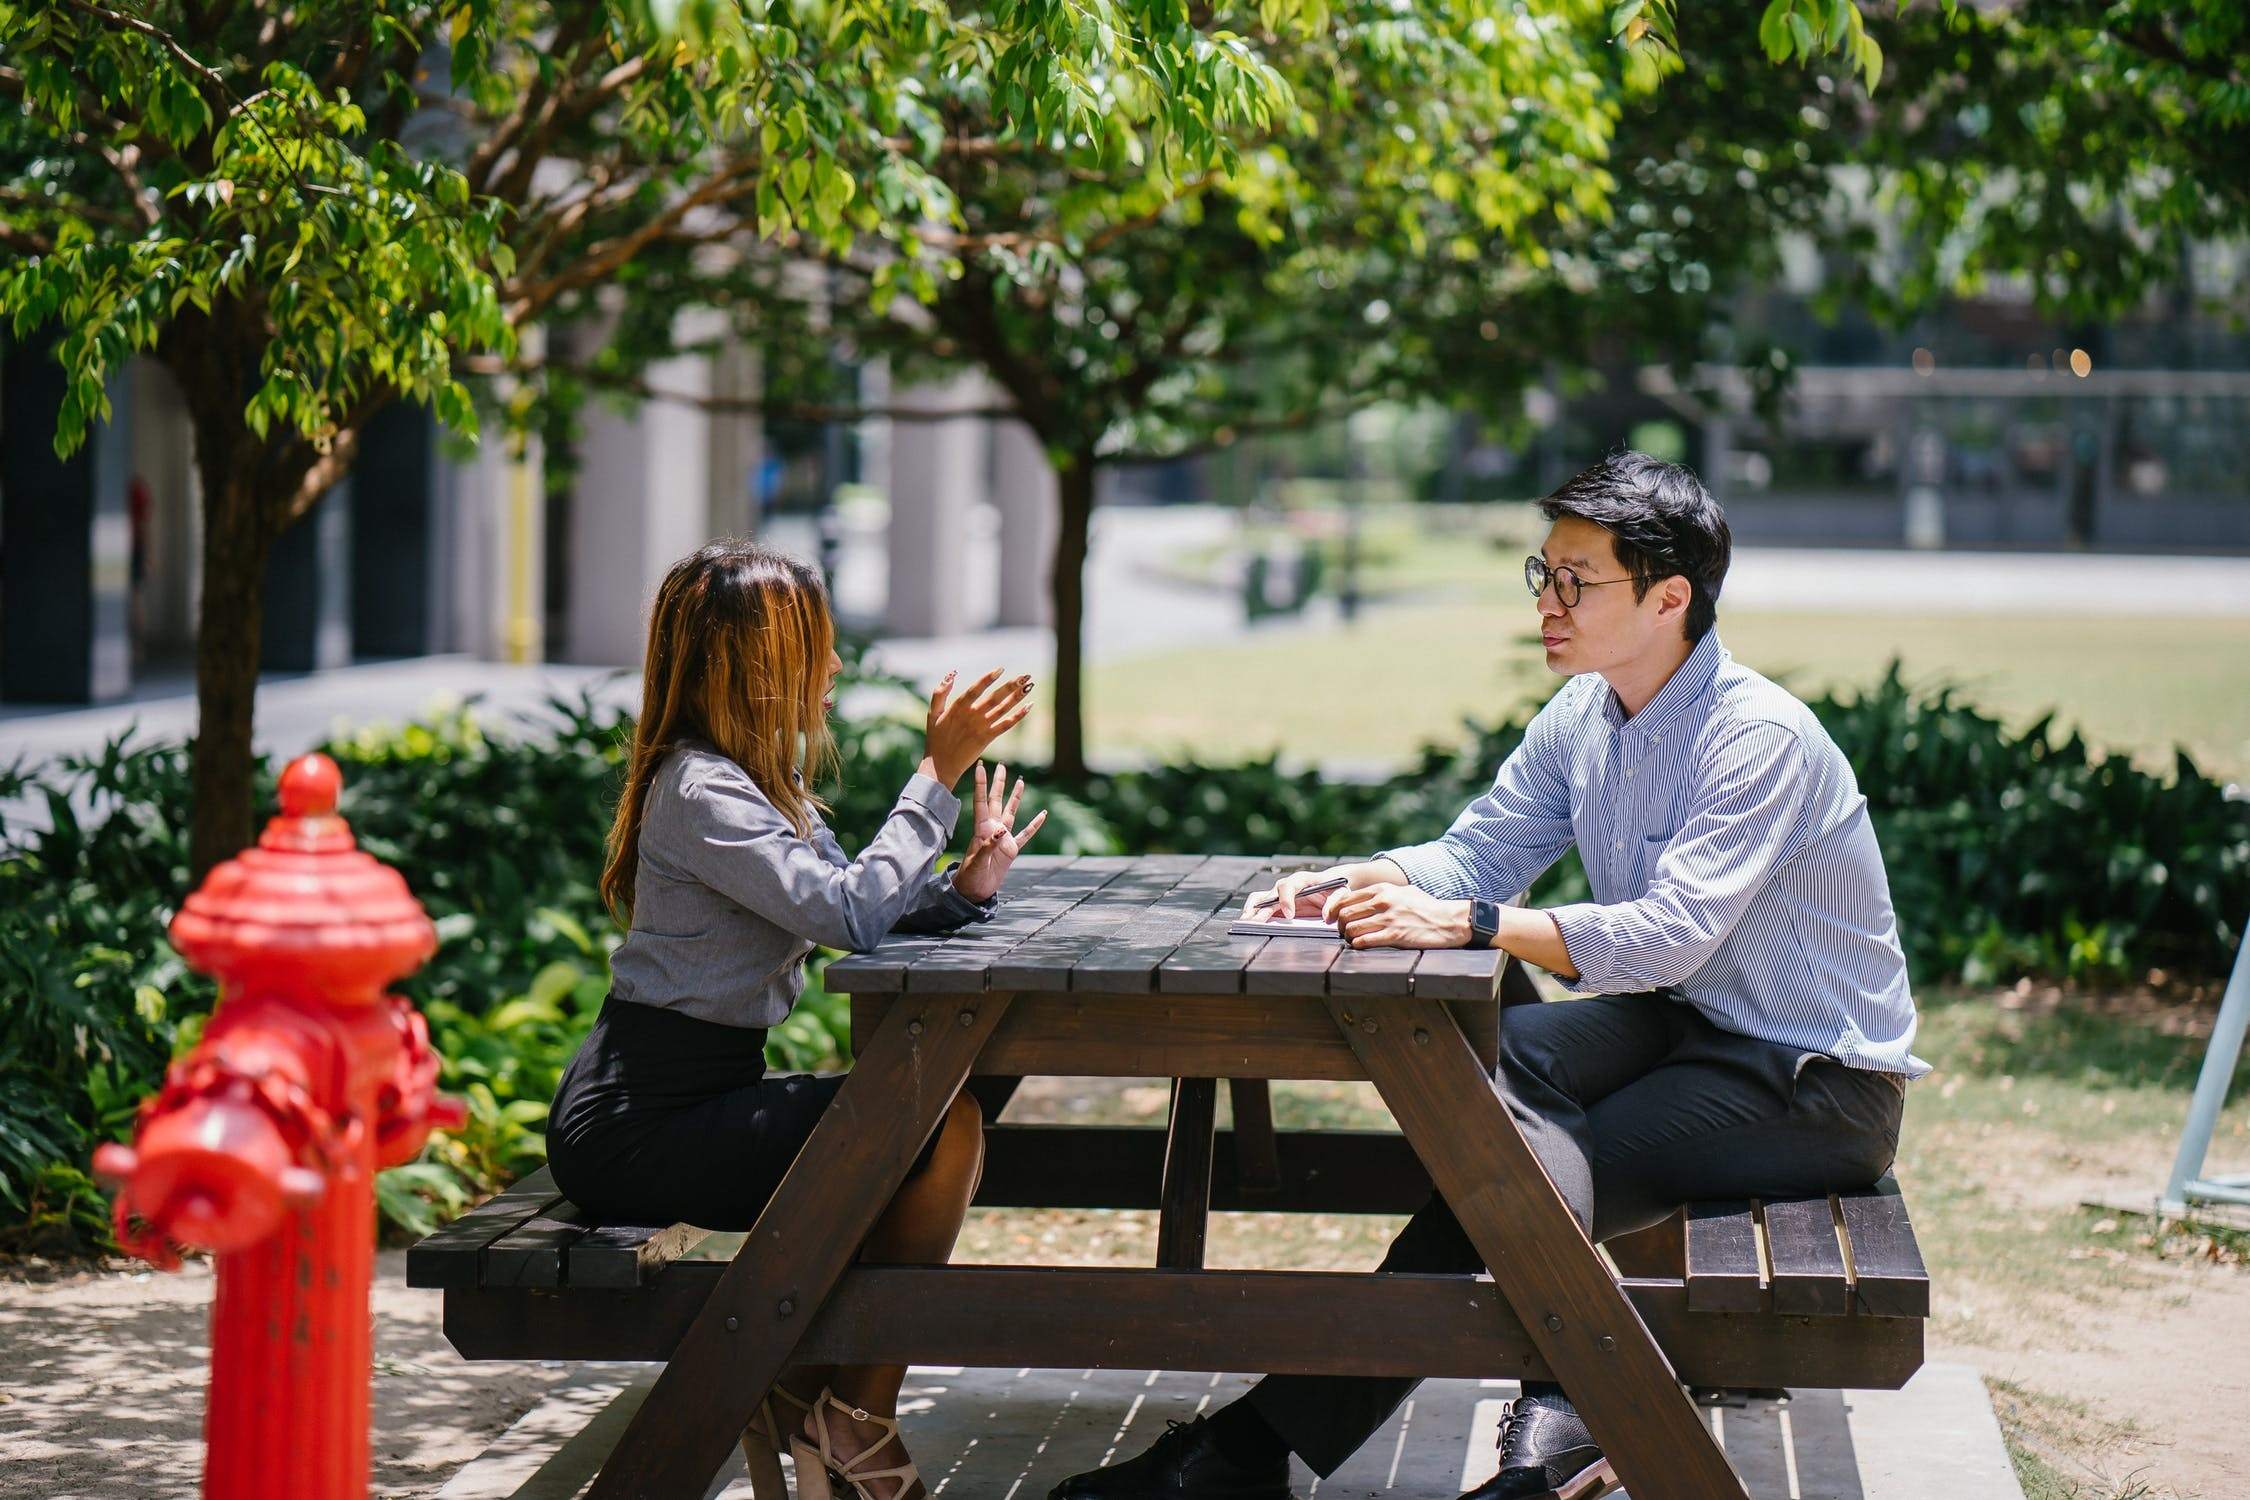 ▲▼聊天,交談,對話。(圖/取自免費圖庫Pexels)